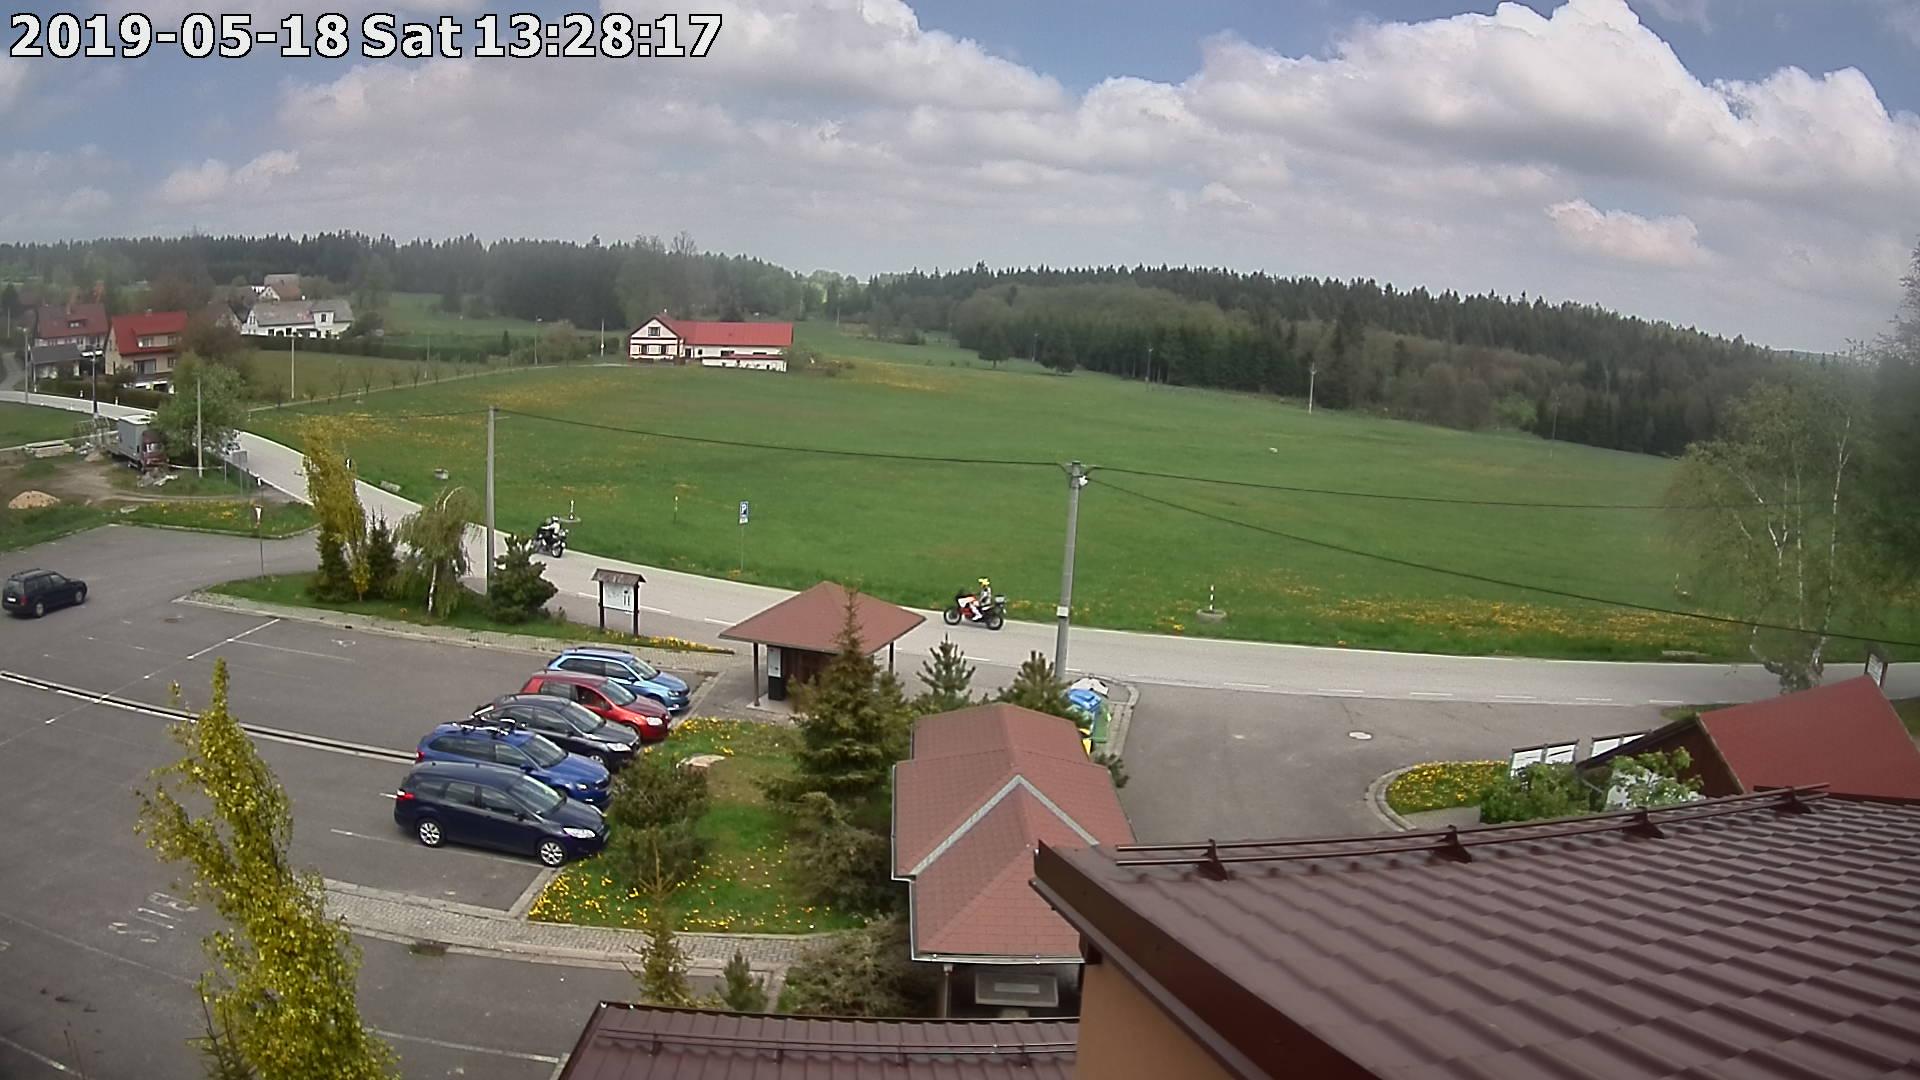 Webkamera ze dne 2019-05-18